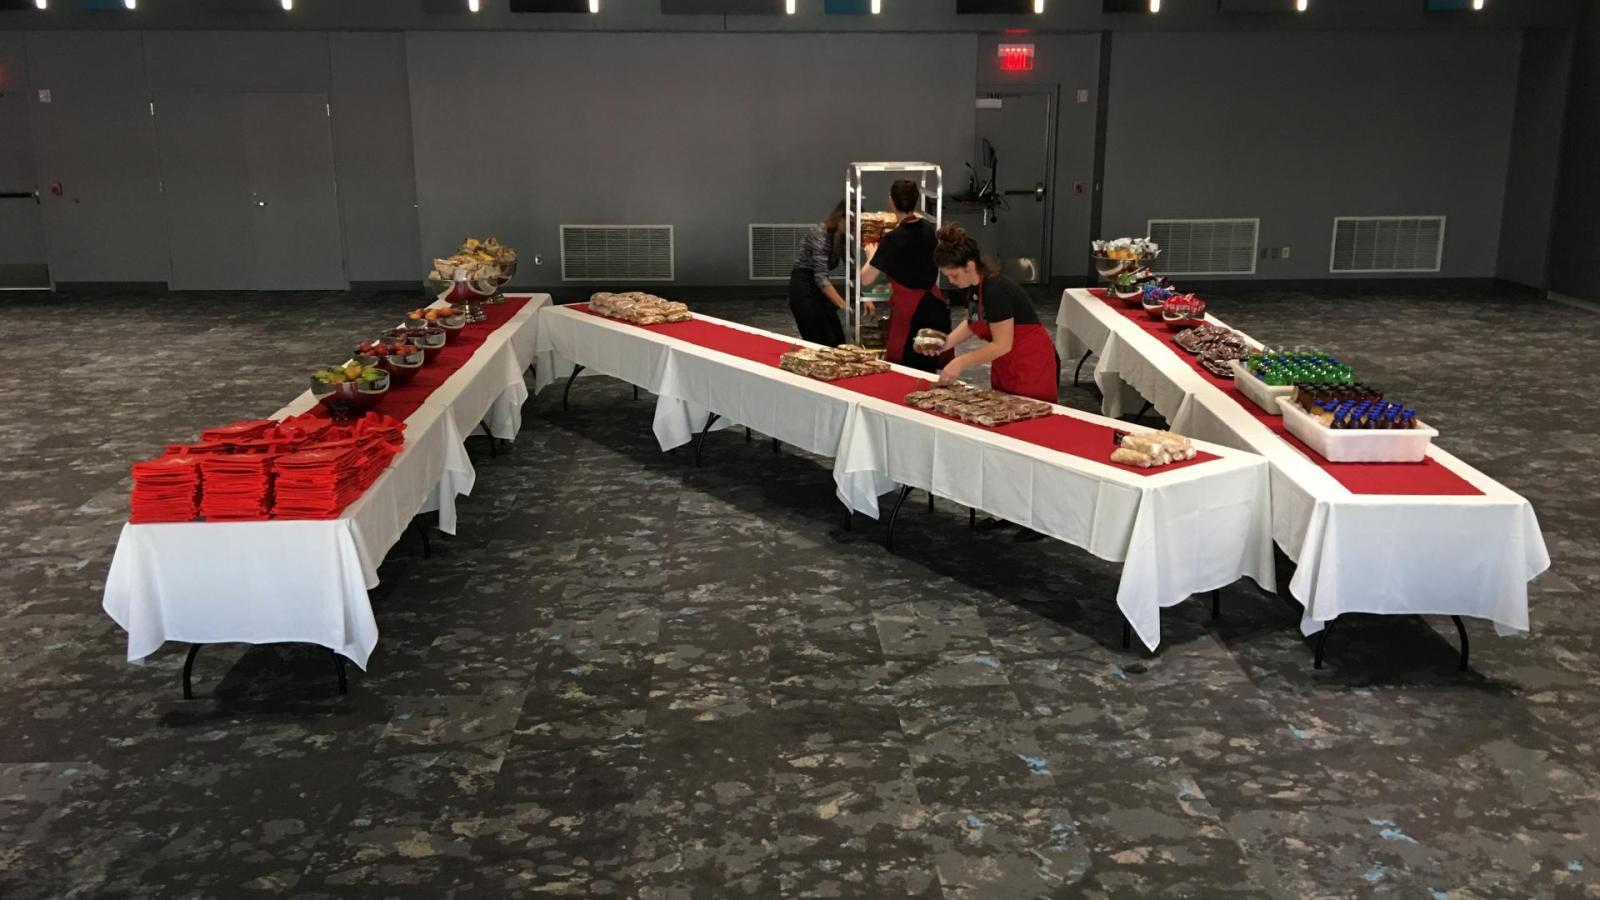 'N' table in Red Cloud Room